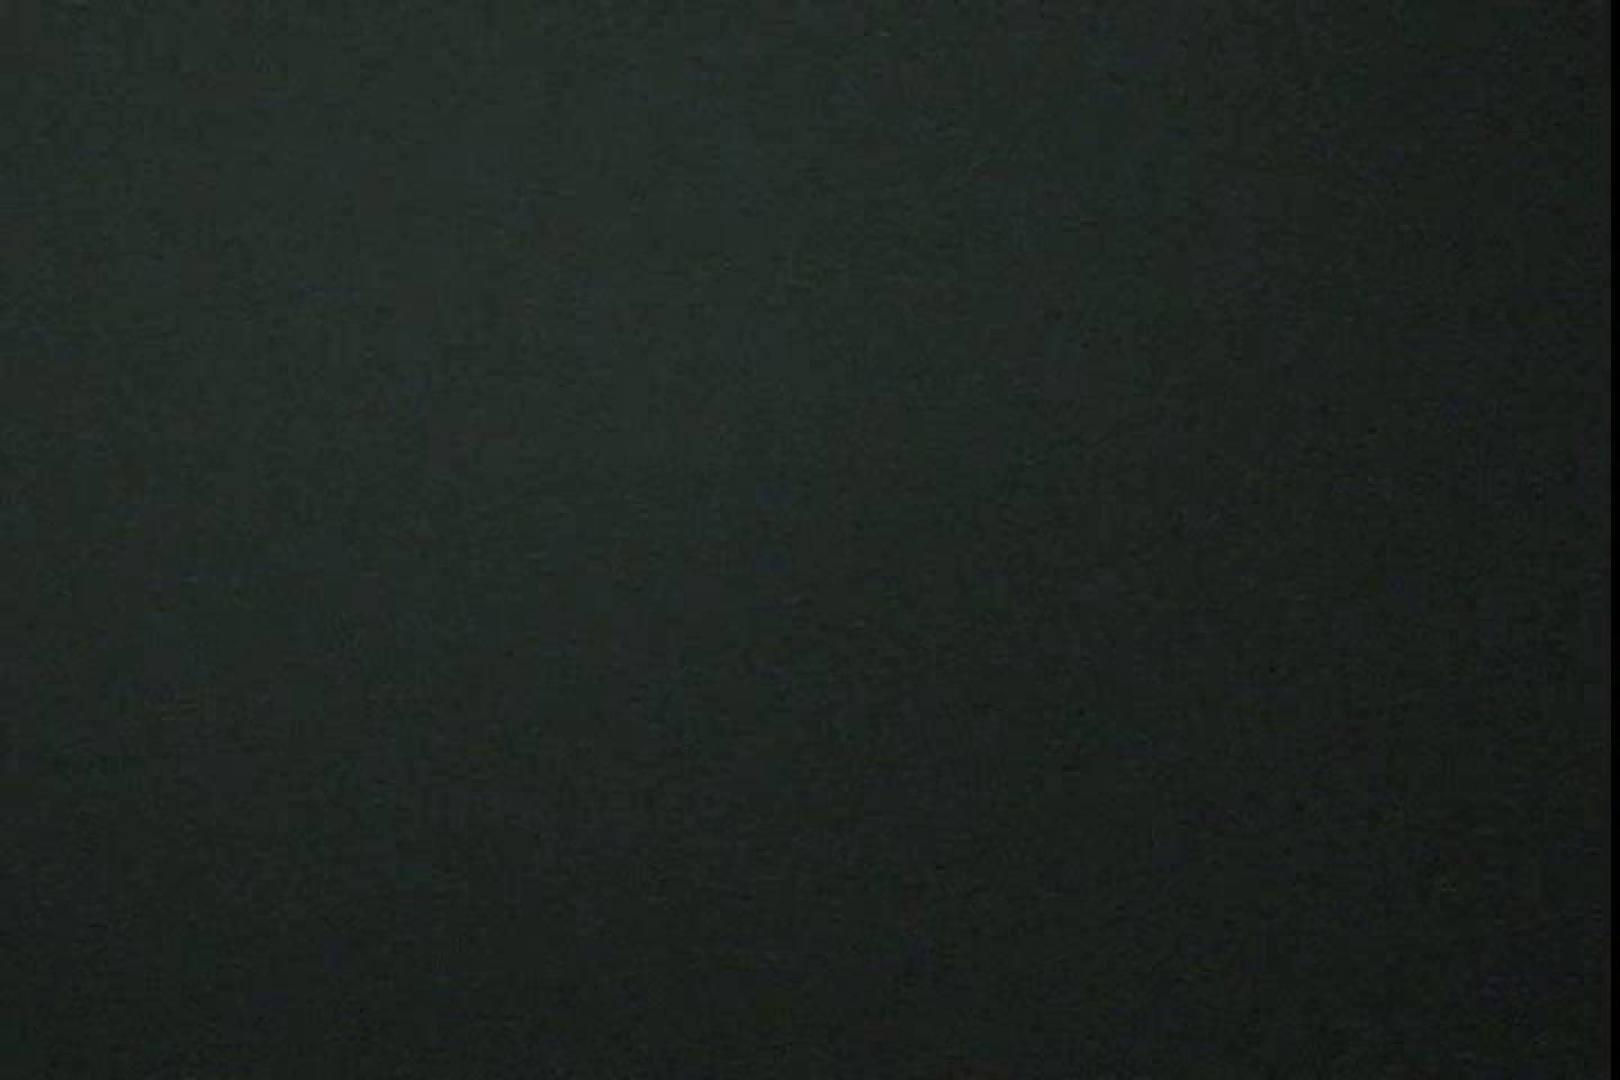 赤外線ムレスケバレー(汗) vol.02 赤外線 | アスリート  103PIX 91